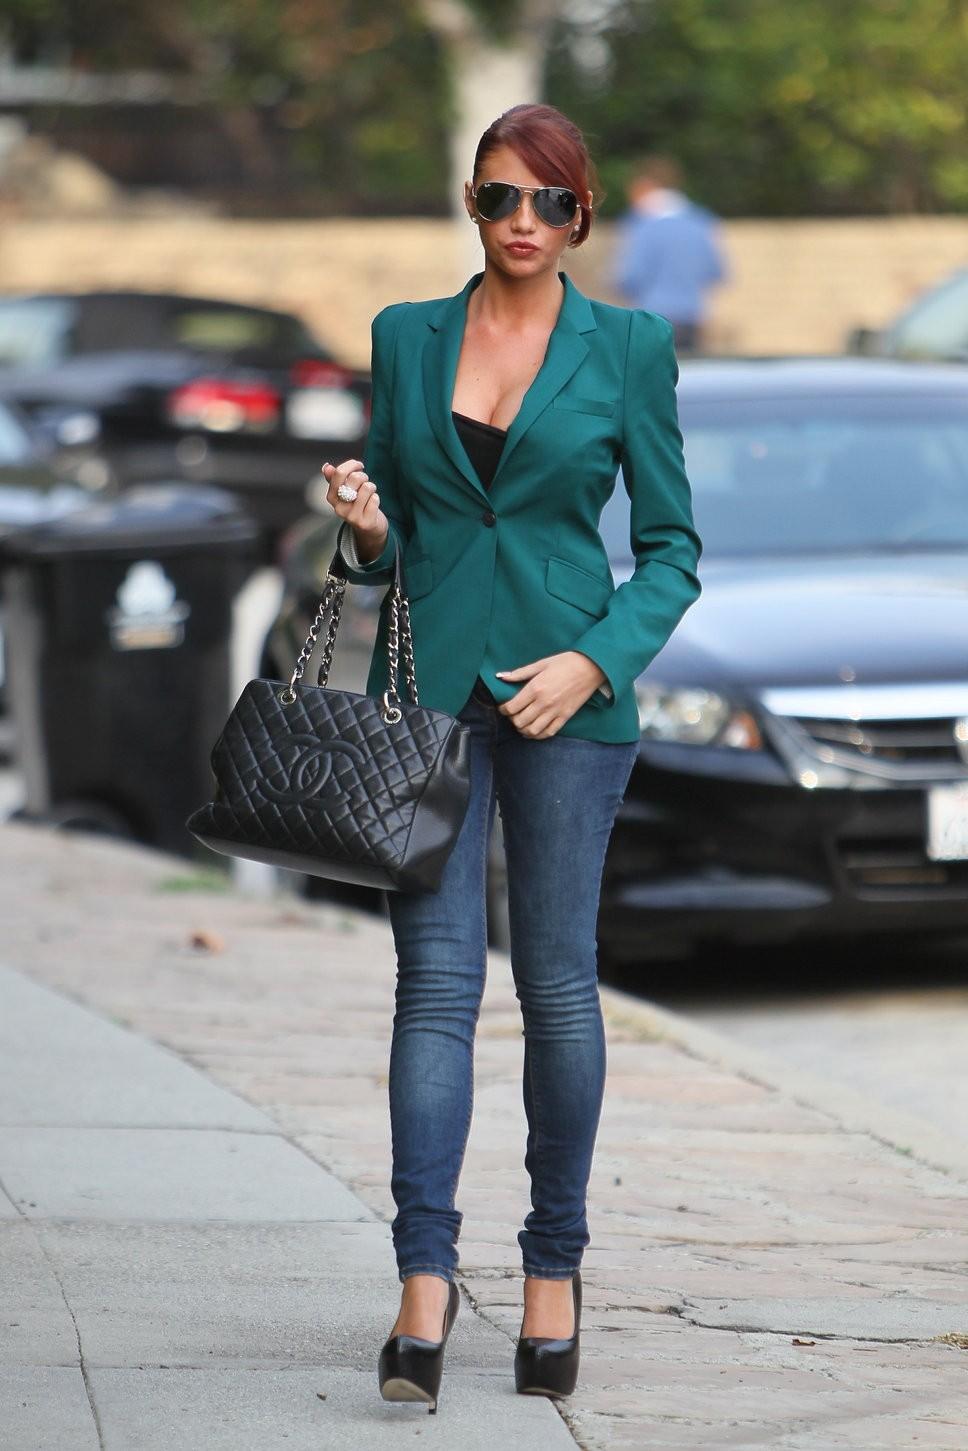 джинсы под пиджак зеленый